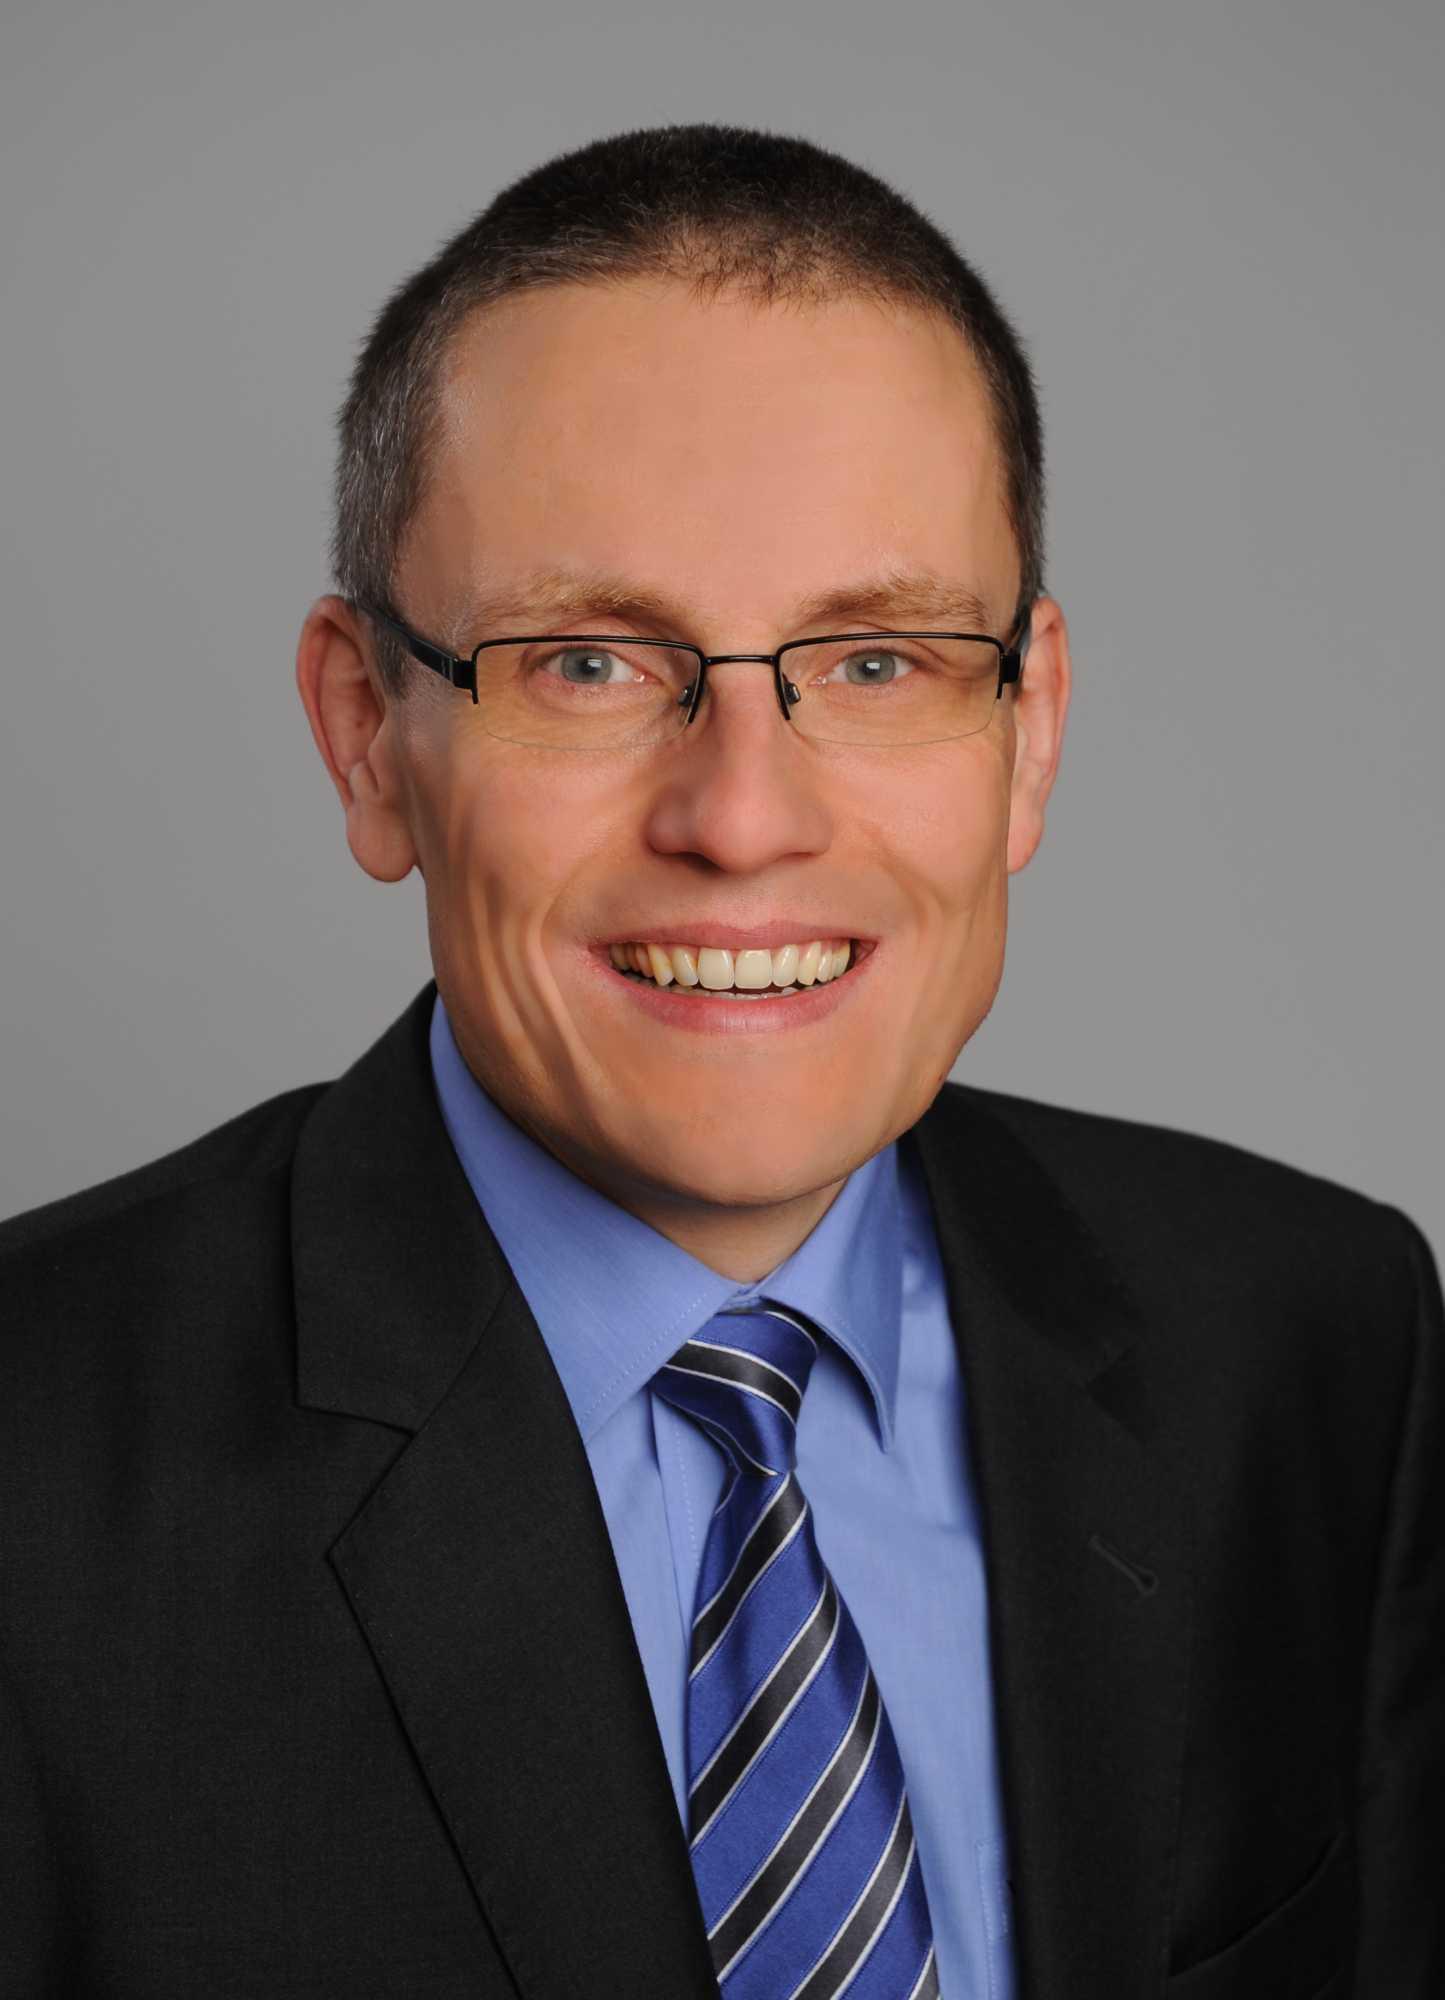 Christian Koot